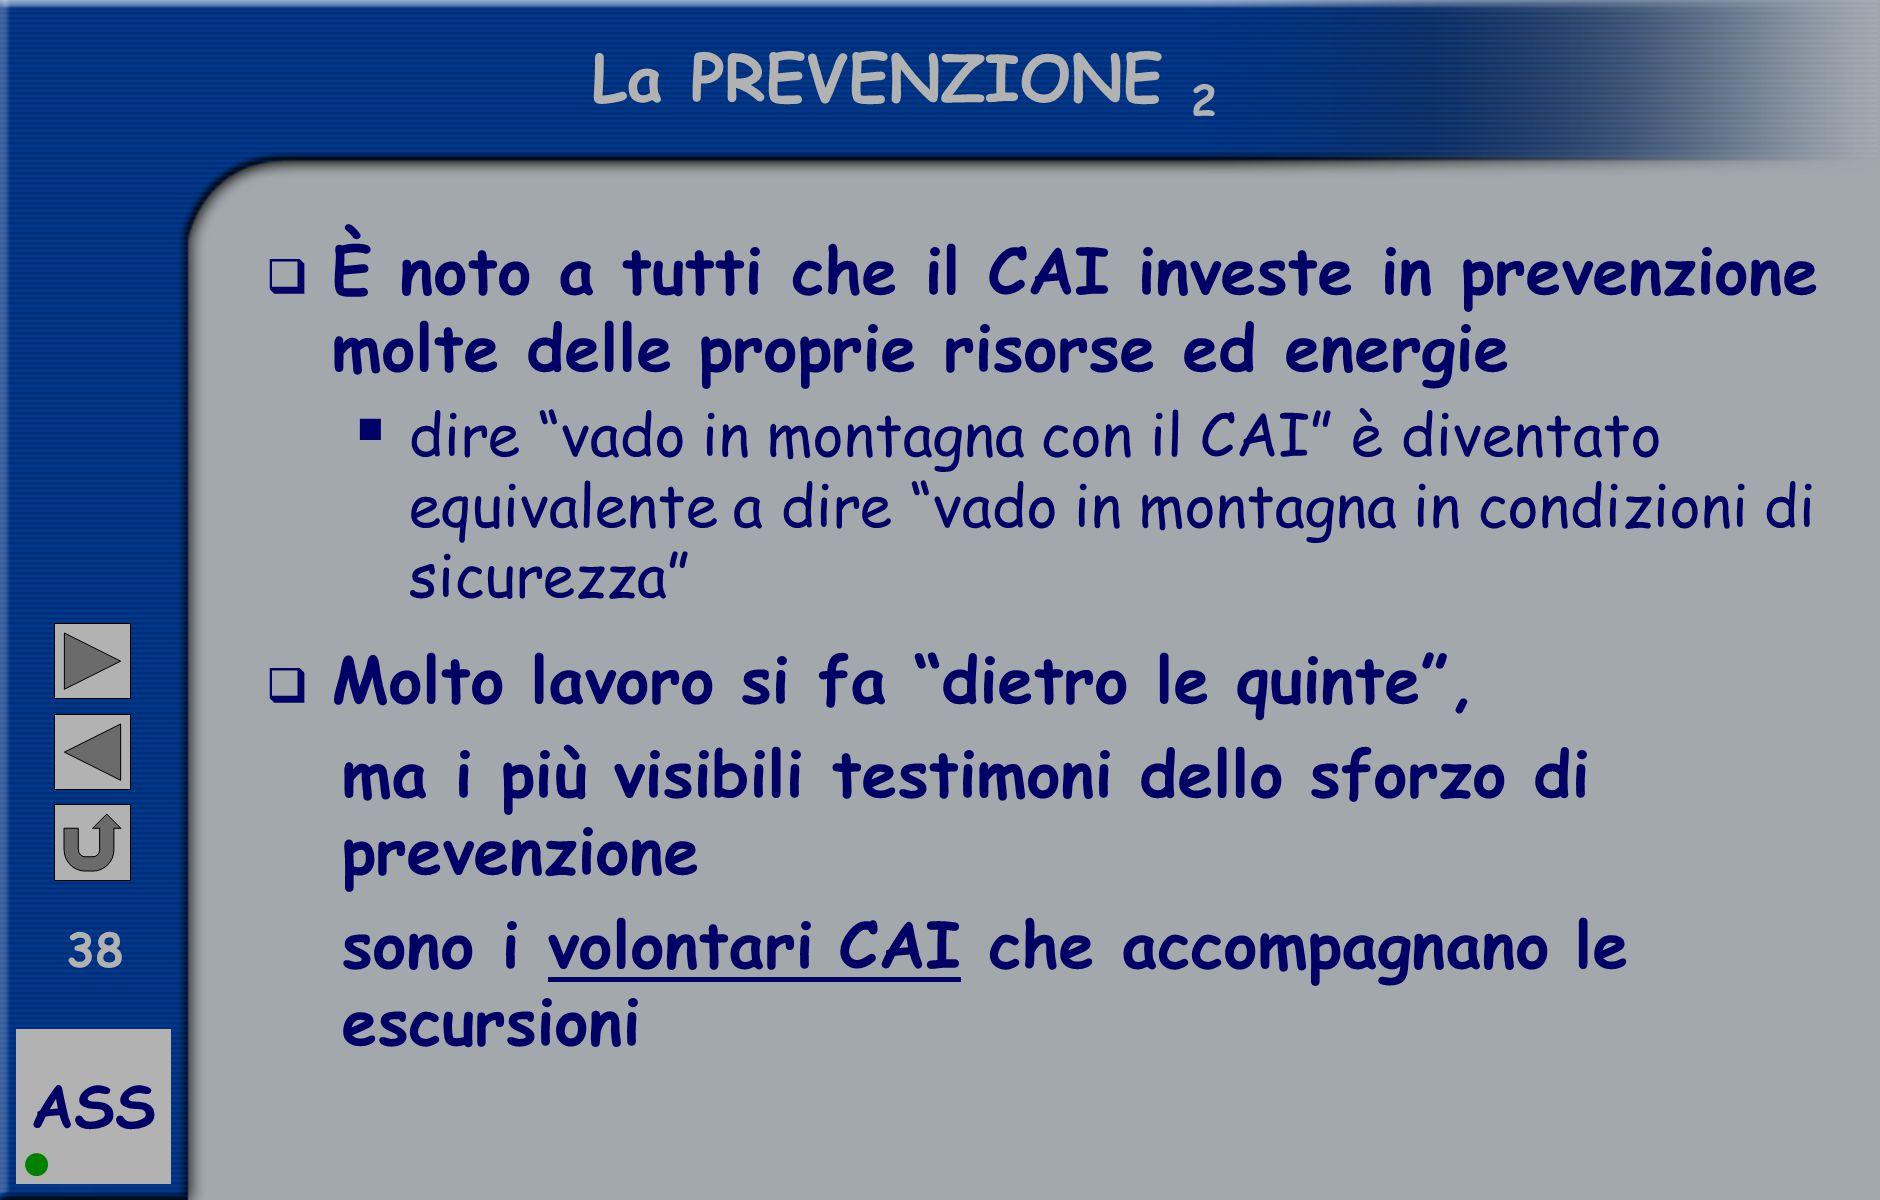 """ASS 38 La PREVENZIONE 2  È noto a tutti che il CAI investe in prevenzione molte delle proprie risorse ed energie  dire """"vado in montagna con il CAI"""""""